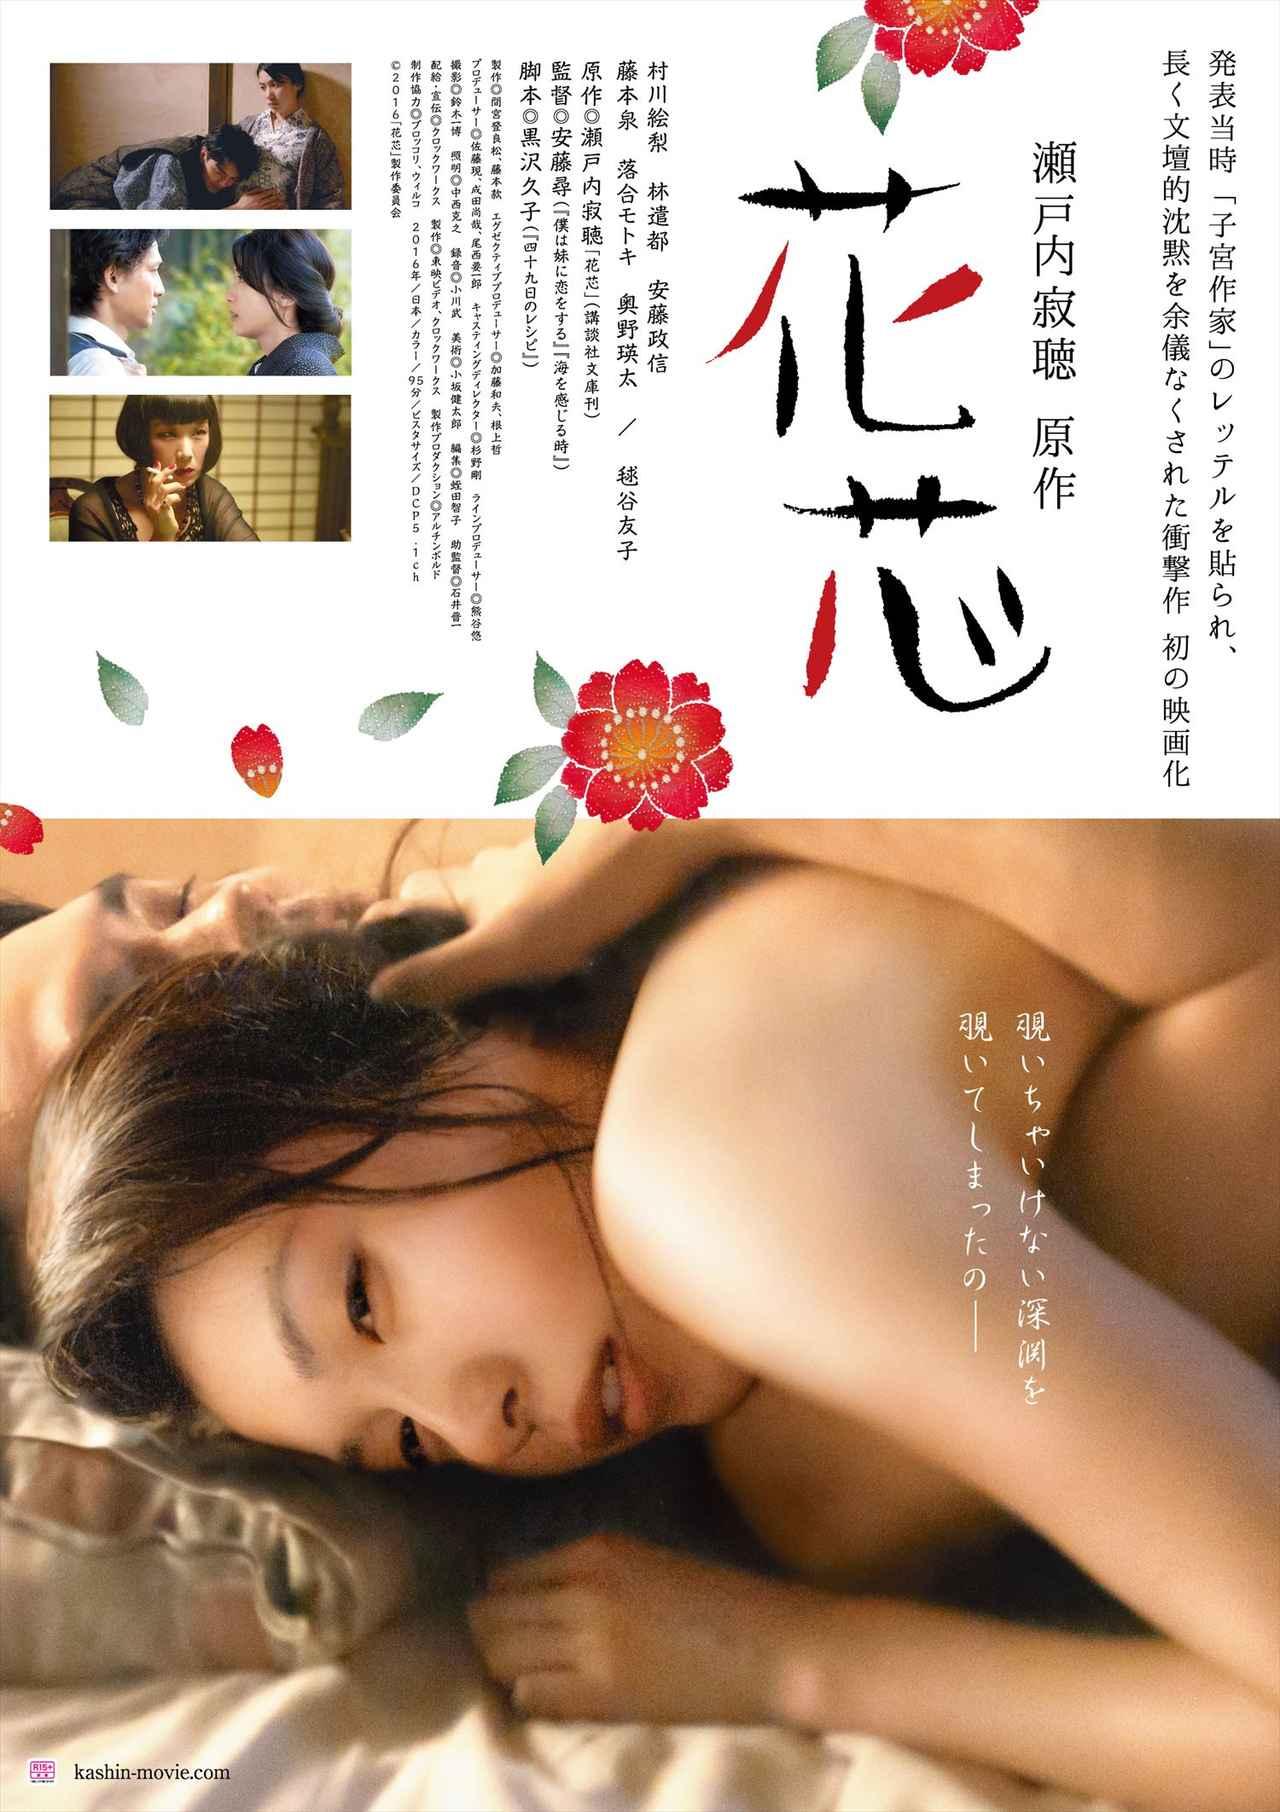 画像: 「子宮作家」のレッテルが貼られ、長く文壇的沈黙を余儀なくされた 瀬戸内寂聴原作『花芯』初の映画化!